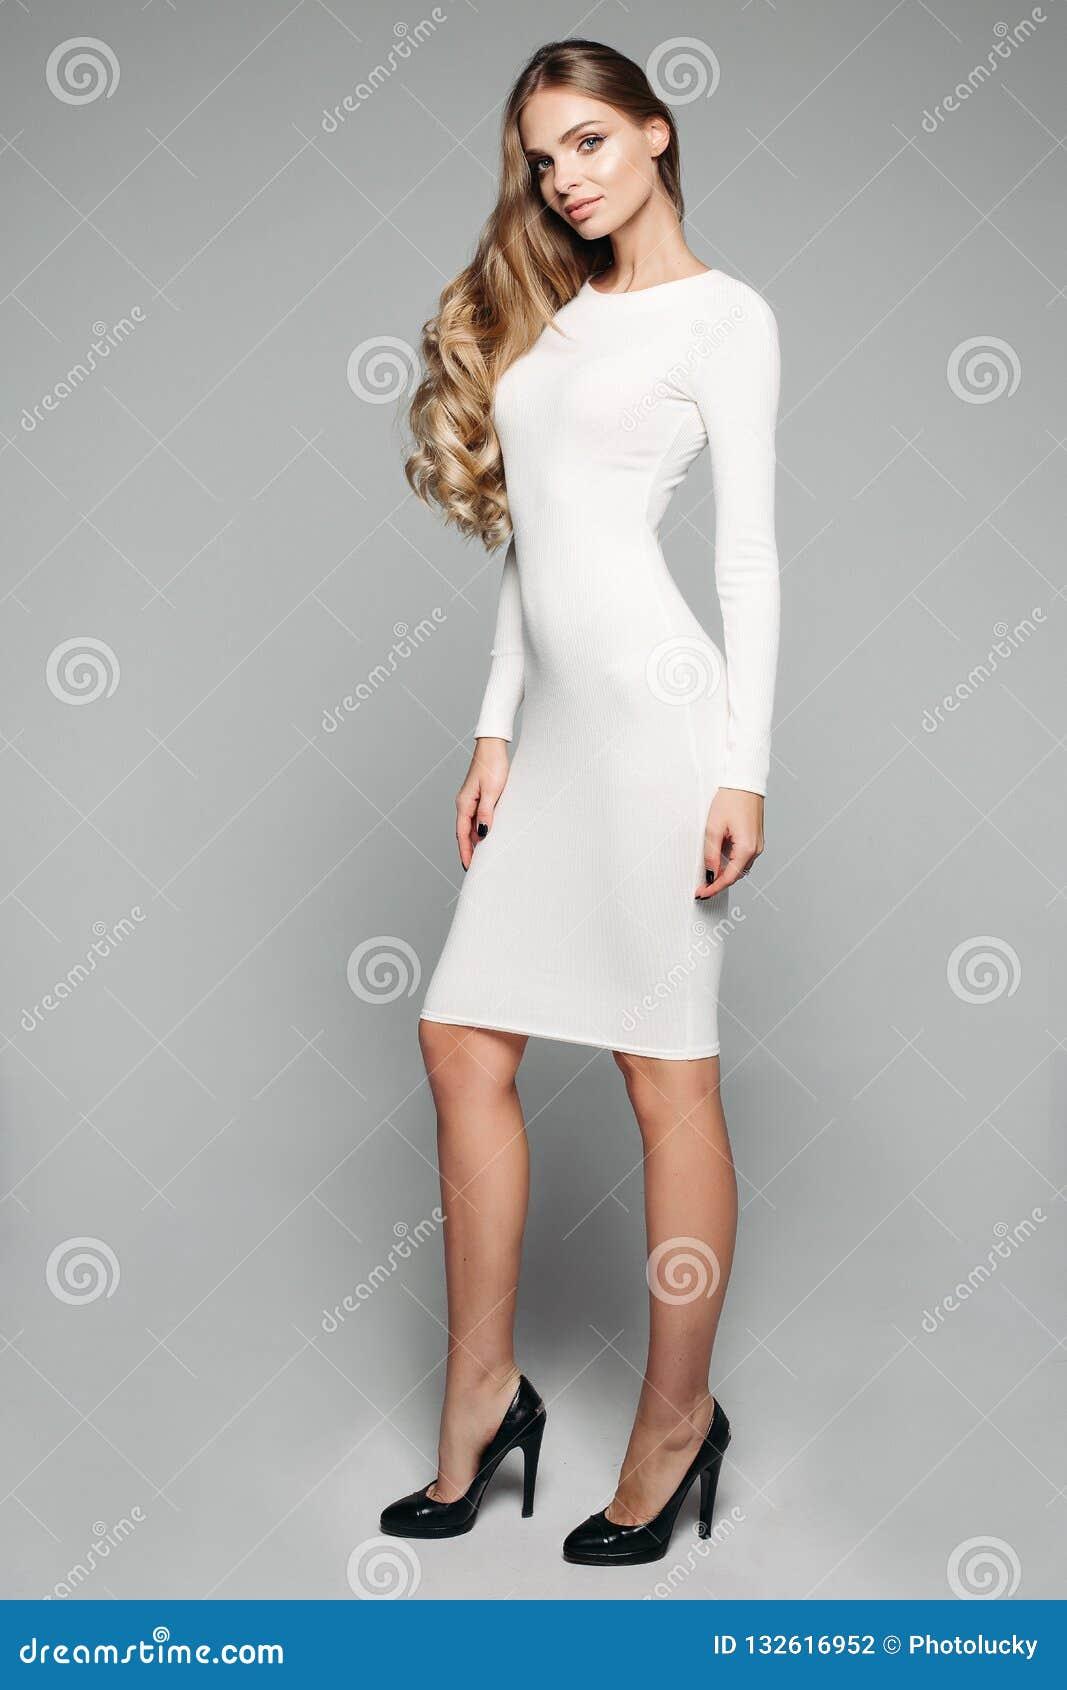 89bb60e8b Aturdir a la muchacha rubia en el vestido simple blanco y talones negros